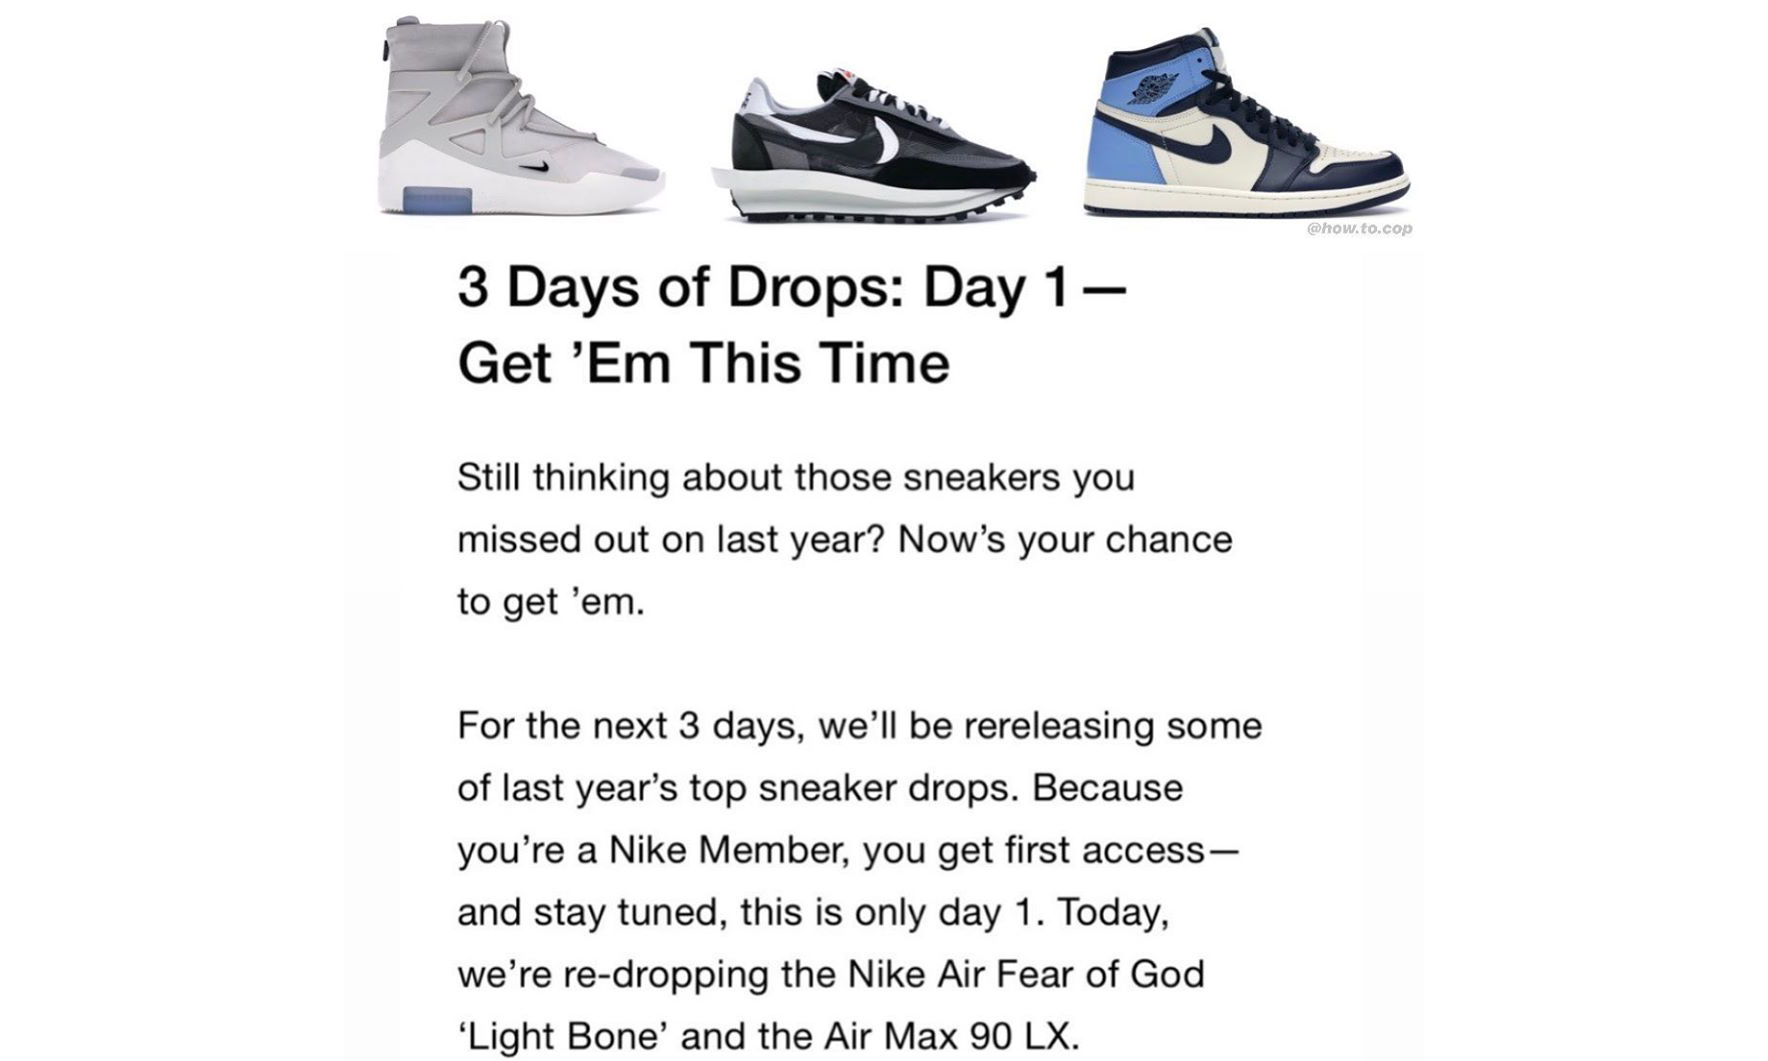 美国 Nike 将在接下来三天补货数款大热球鞋